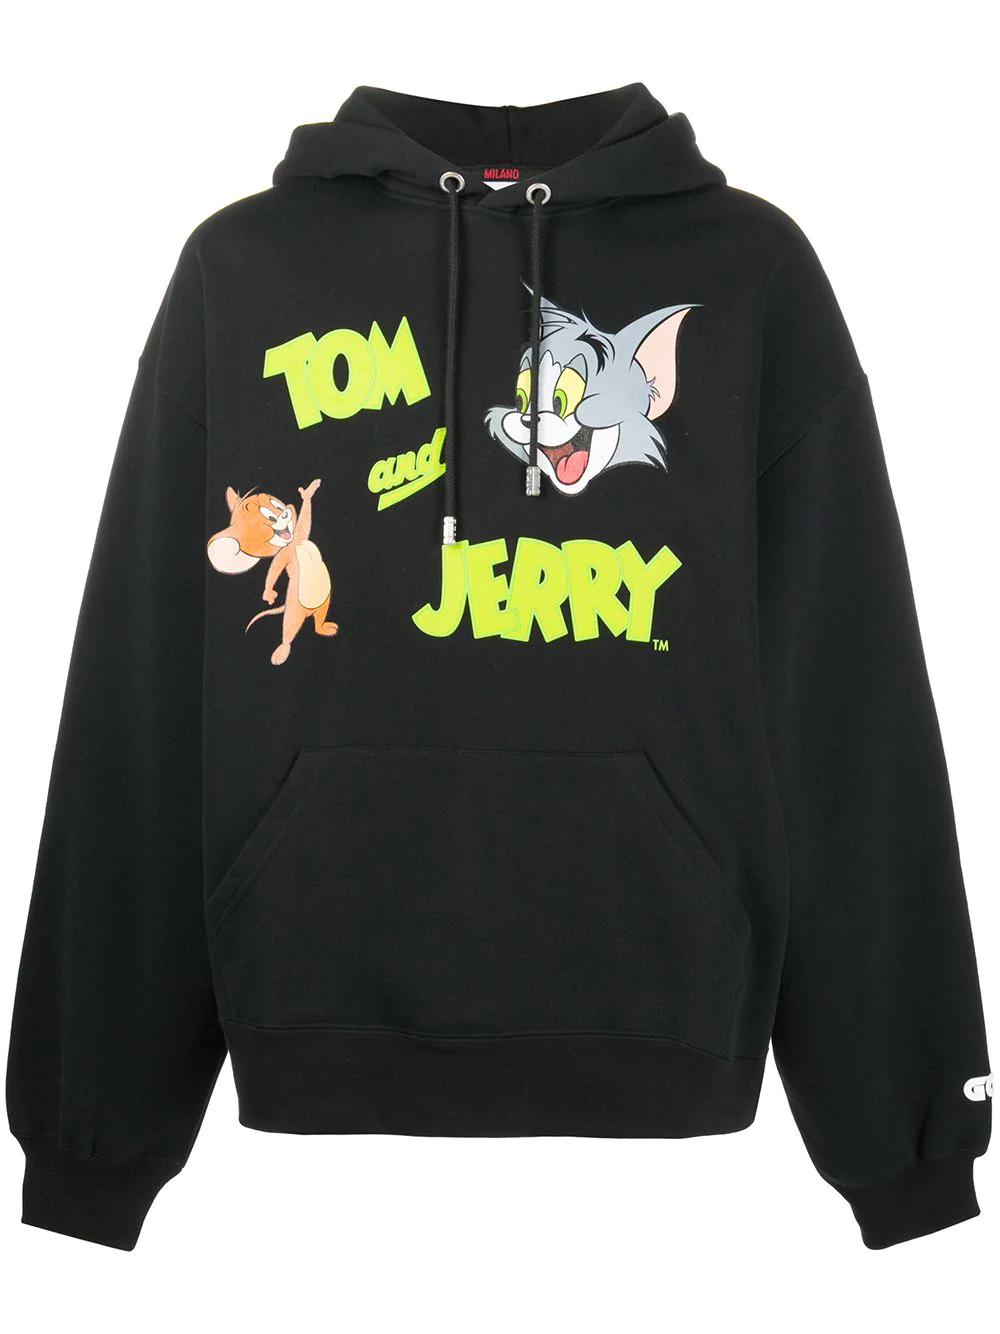 Gcds Tom Jerry Hoodie Farfetch In 2021 Printed Sweatshirts Hoodies Stylish Hoodies [ 1334 x 1000 Pixel ]